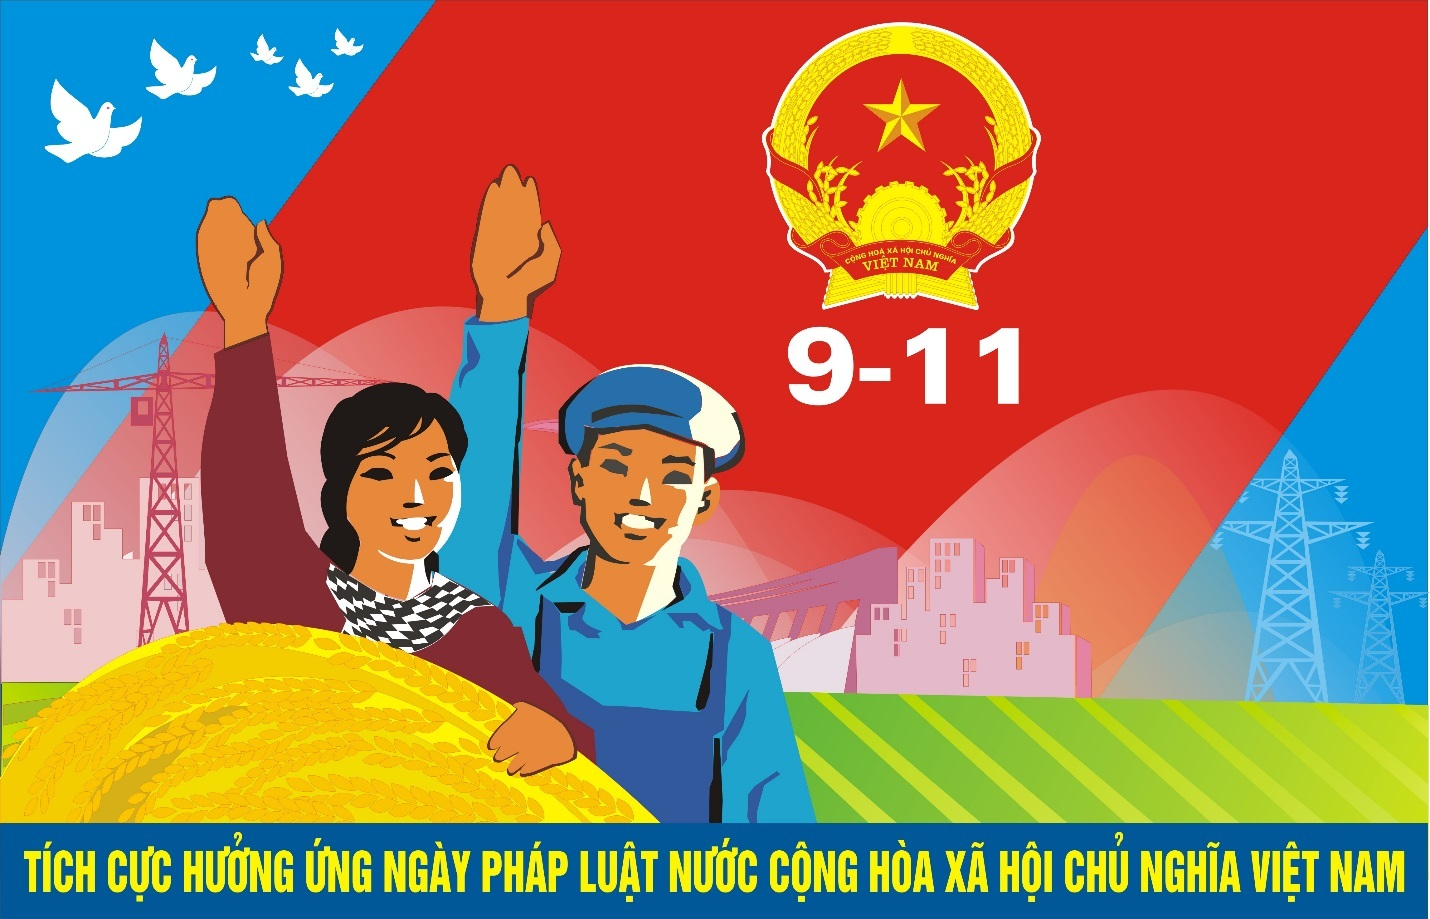 Kết quả 5 năm triển khai thực hiện Ngày Pháp luật nước Cộng hòa xã hội chủ nghĩa Việt Nam trên địa bàn tỉnh